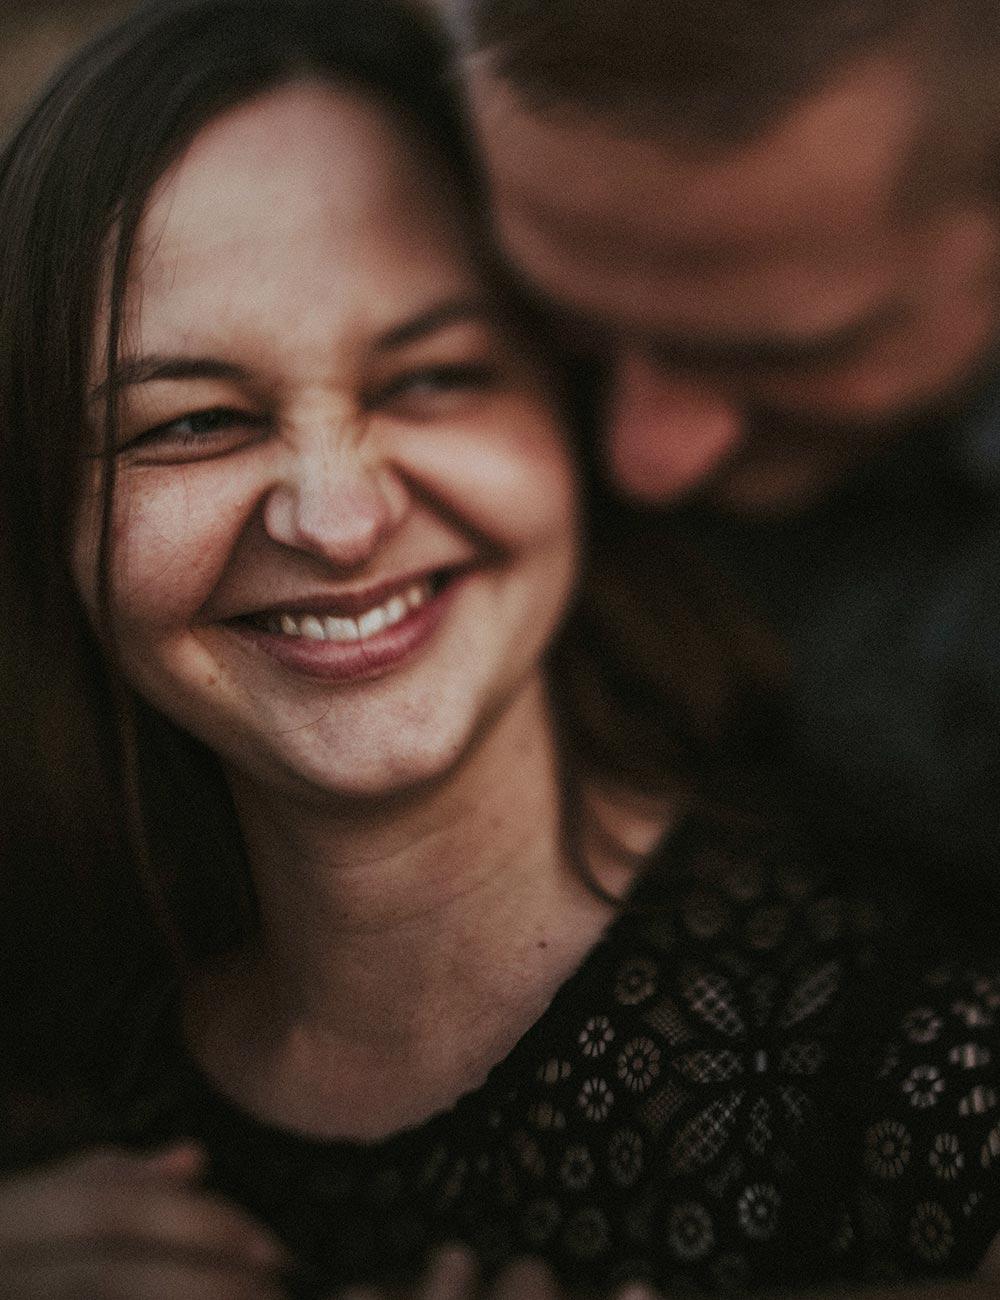 Ein glückliches Paar eng zusammenhaltend.